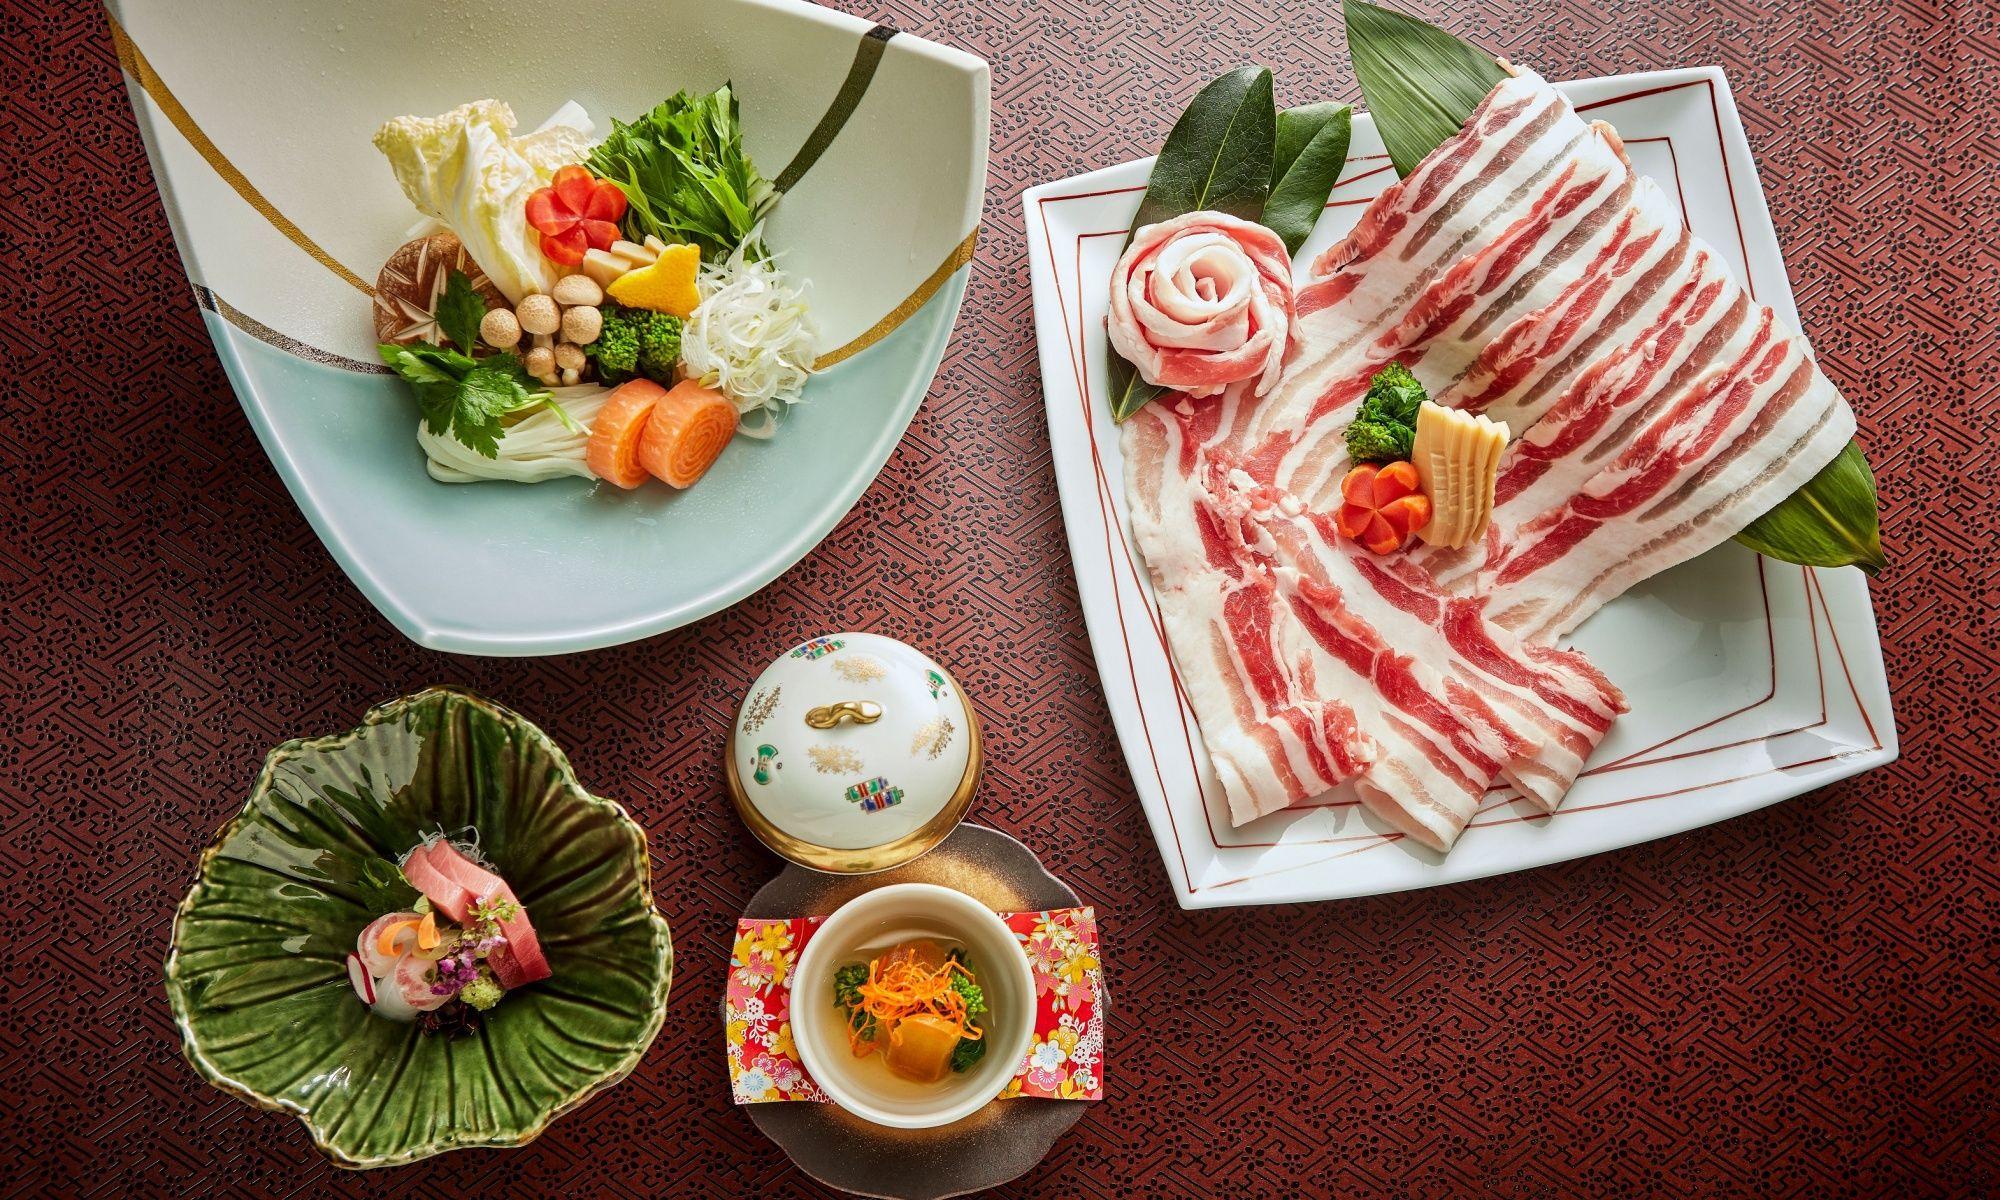 Macau's Yamazato Presents Kagoshima Berkshire Pork Shabu Shabu Kaiseki